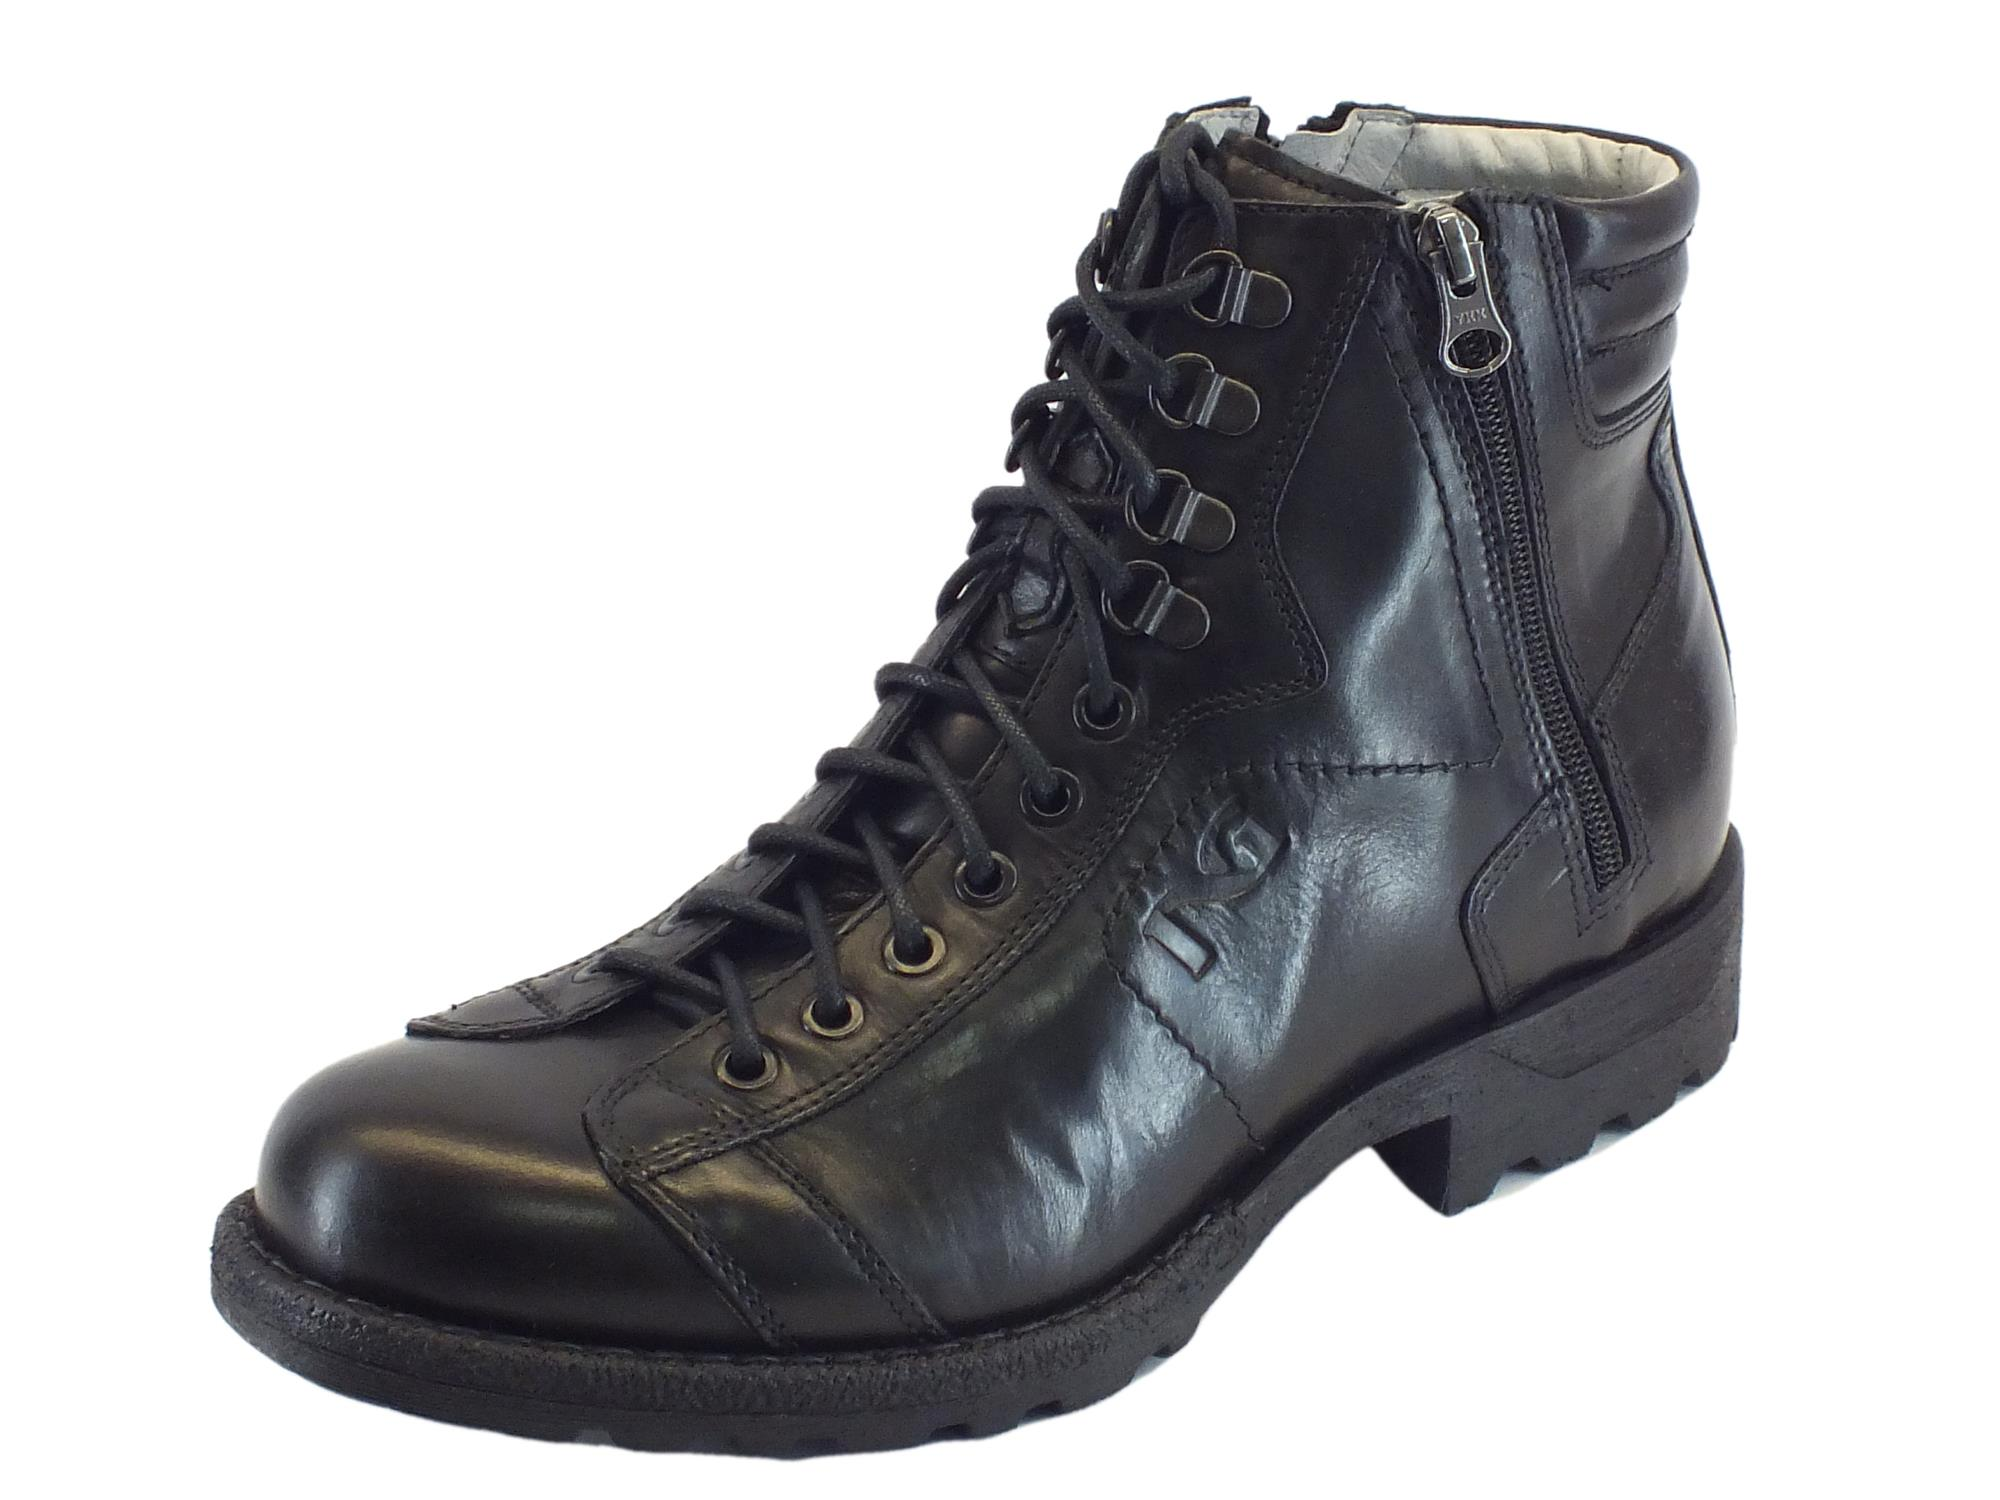 Anfibi nerogiardini twist uomo pelle nera lampo lacci vitiello calzature - Anfibi uomo nero giardini ...